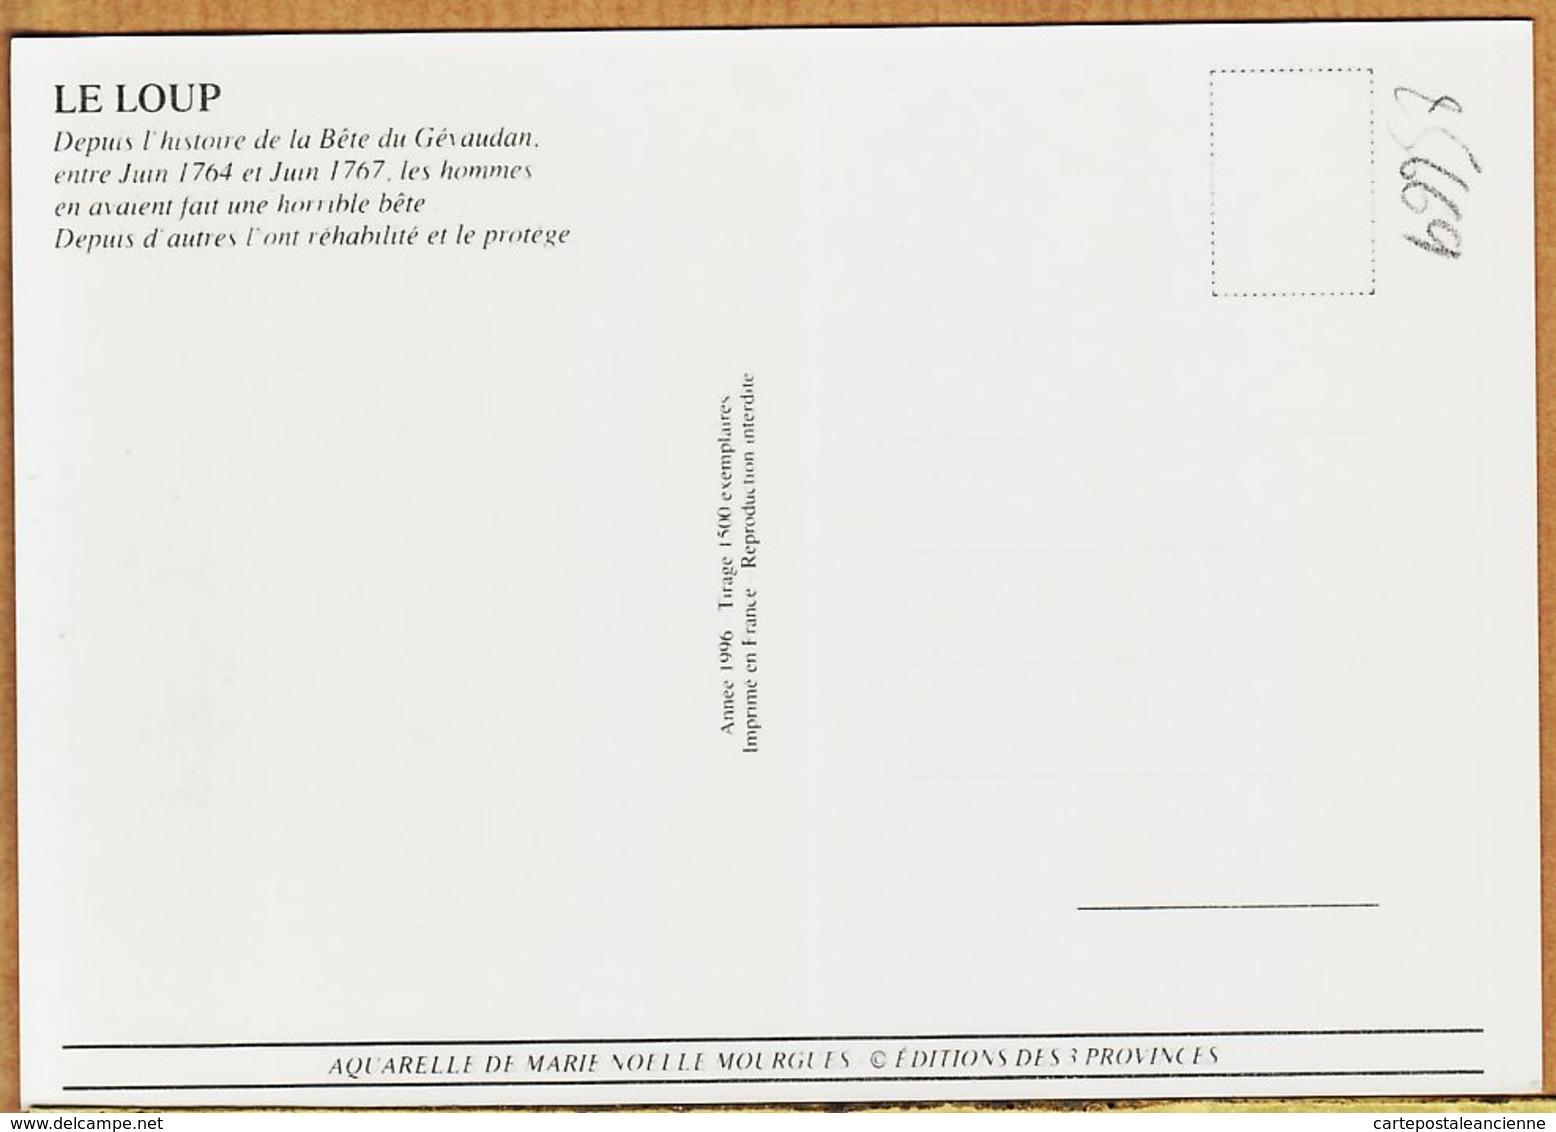 Ani008 Peu Commun Le LOUP Bête Du GEVAUDAN Juin 1764 1767 Aquarelle Marie Noëlle MOURGUES 1996 Tirage 1500 Exemplaires - Animaux & Faune